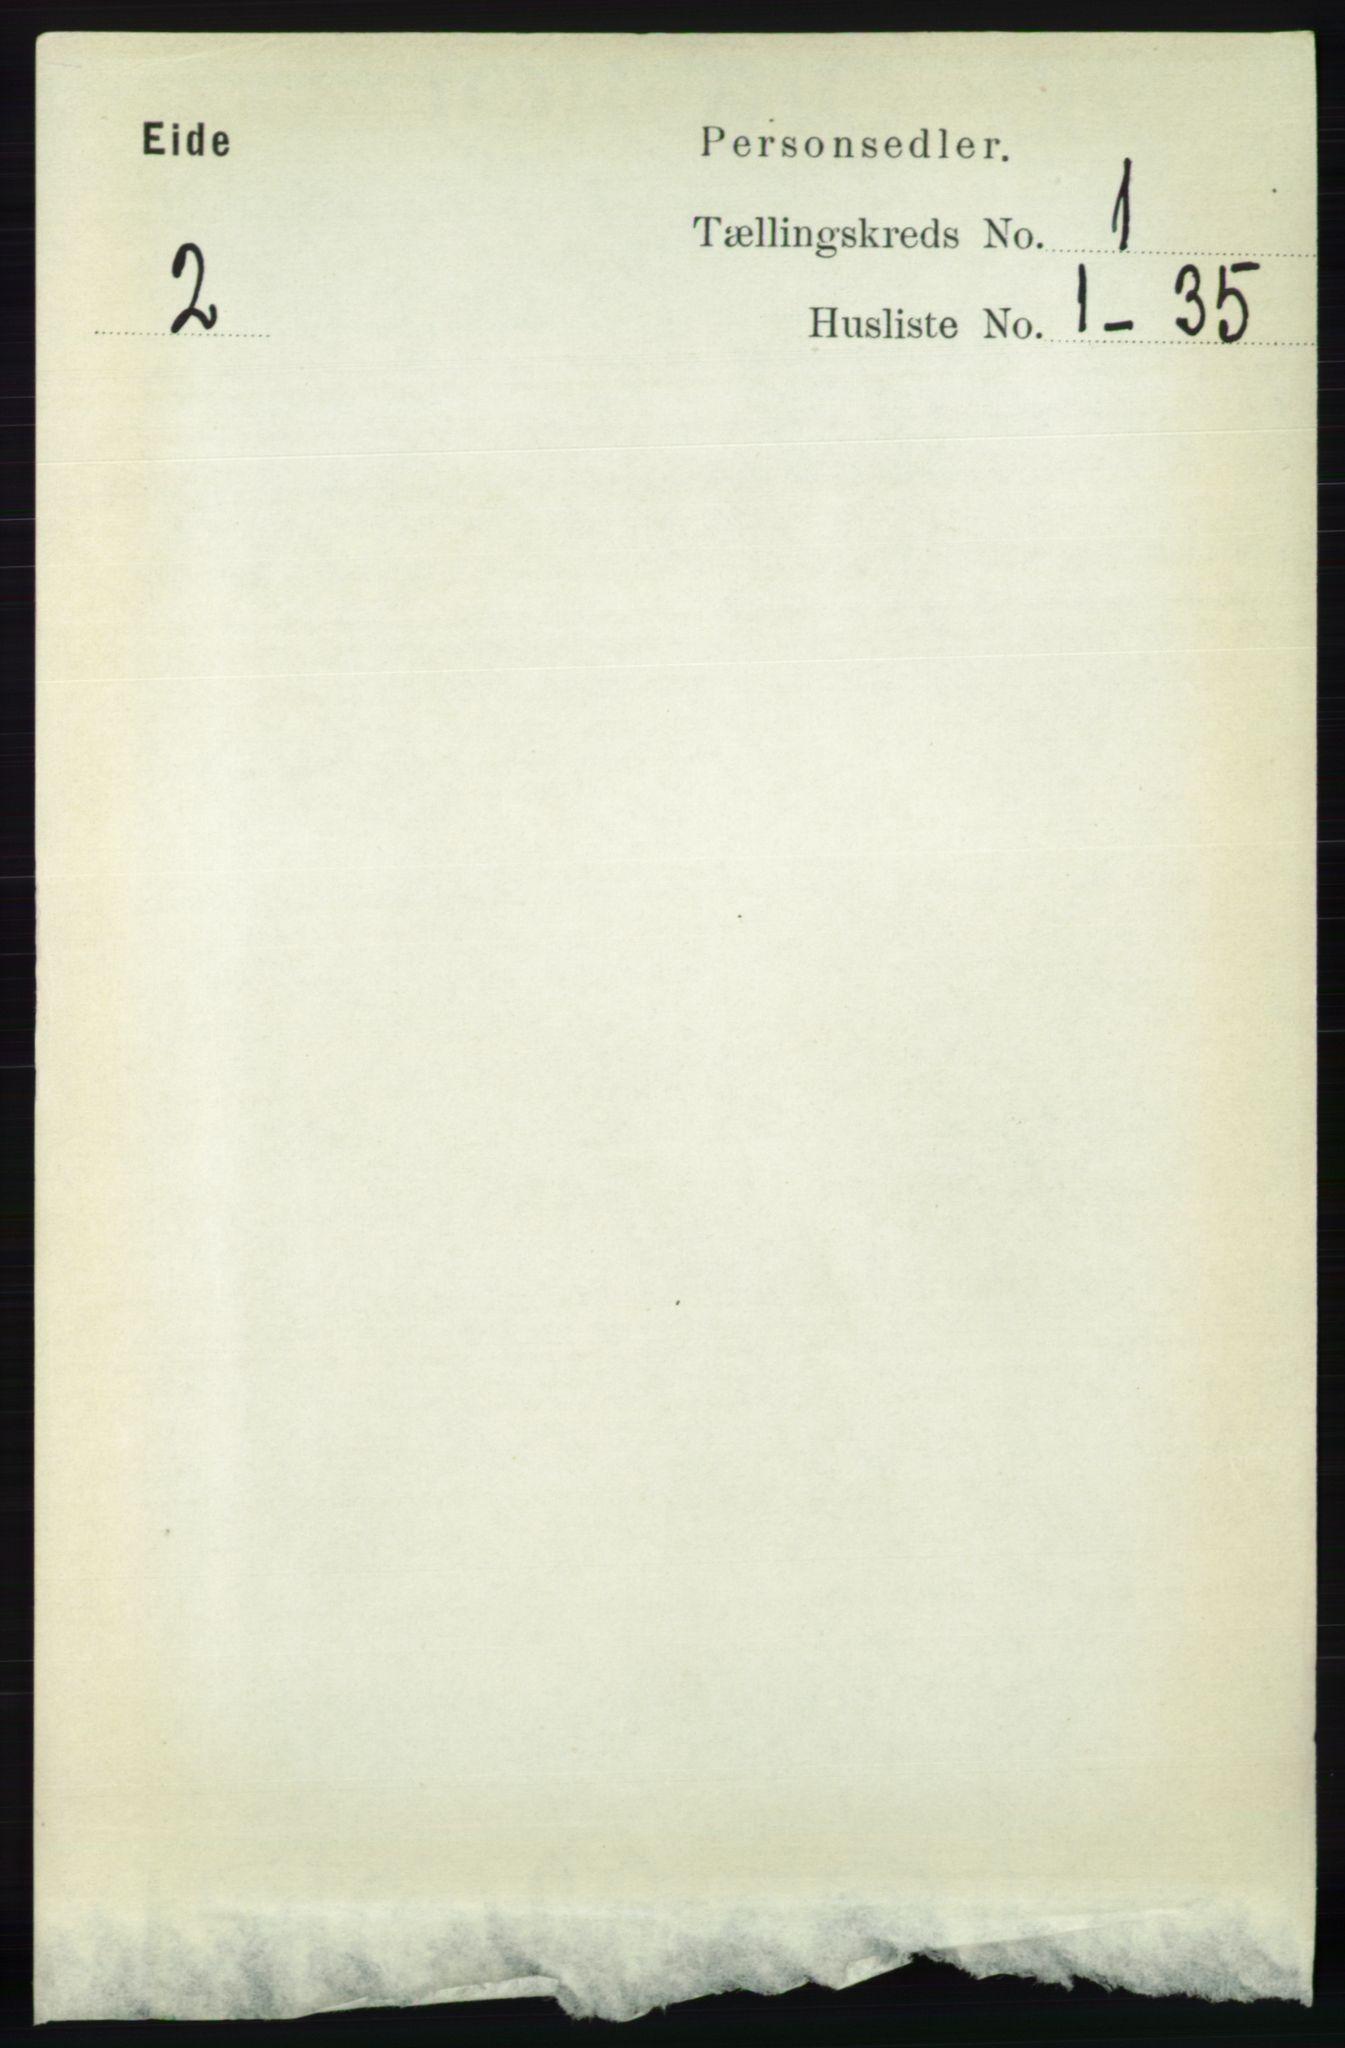 RA, Folketelling 1891 for 0925 Eide herred, 1891, s. 51